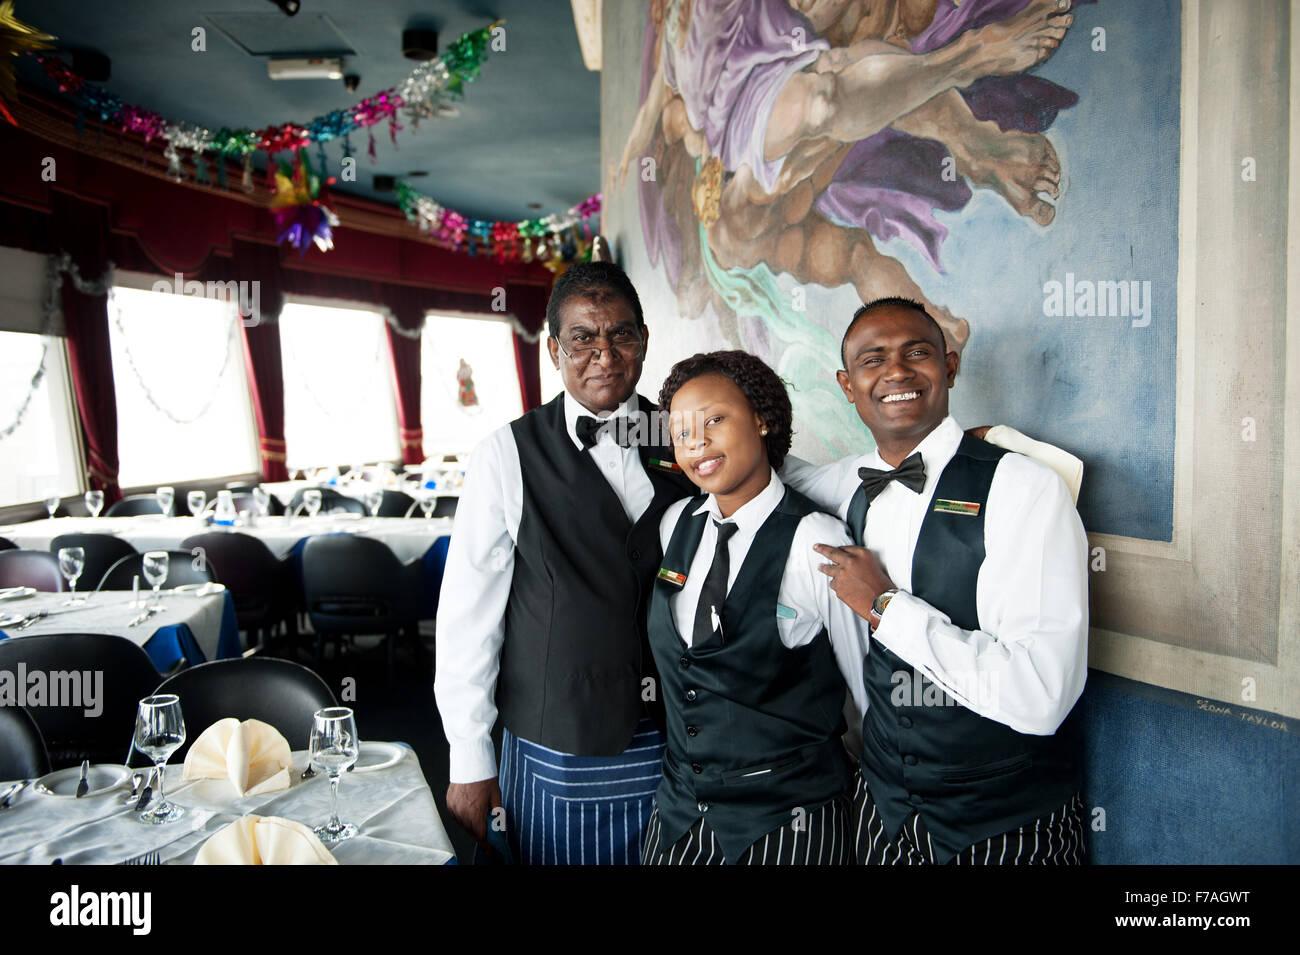 Serveurs du Roma Revolving Restaurant à Durban Afrique du Sud. Photo Stock